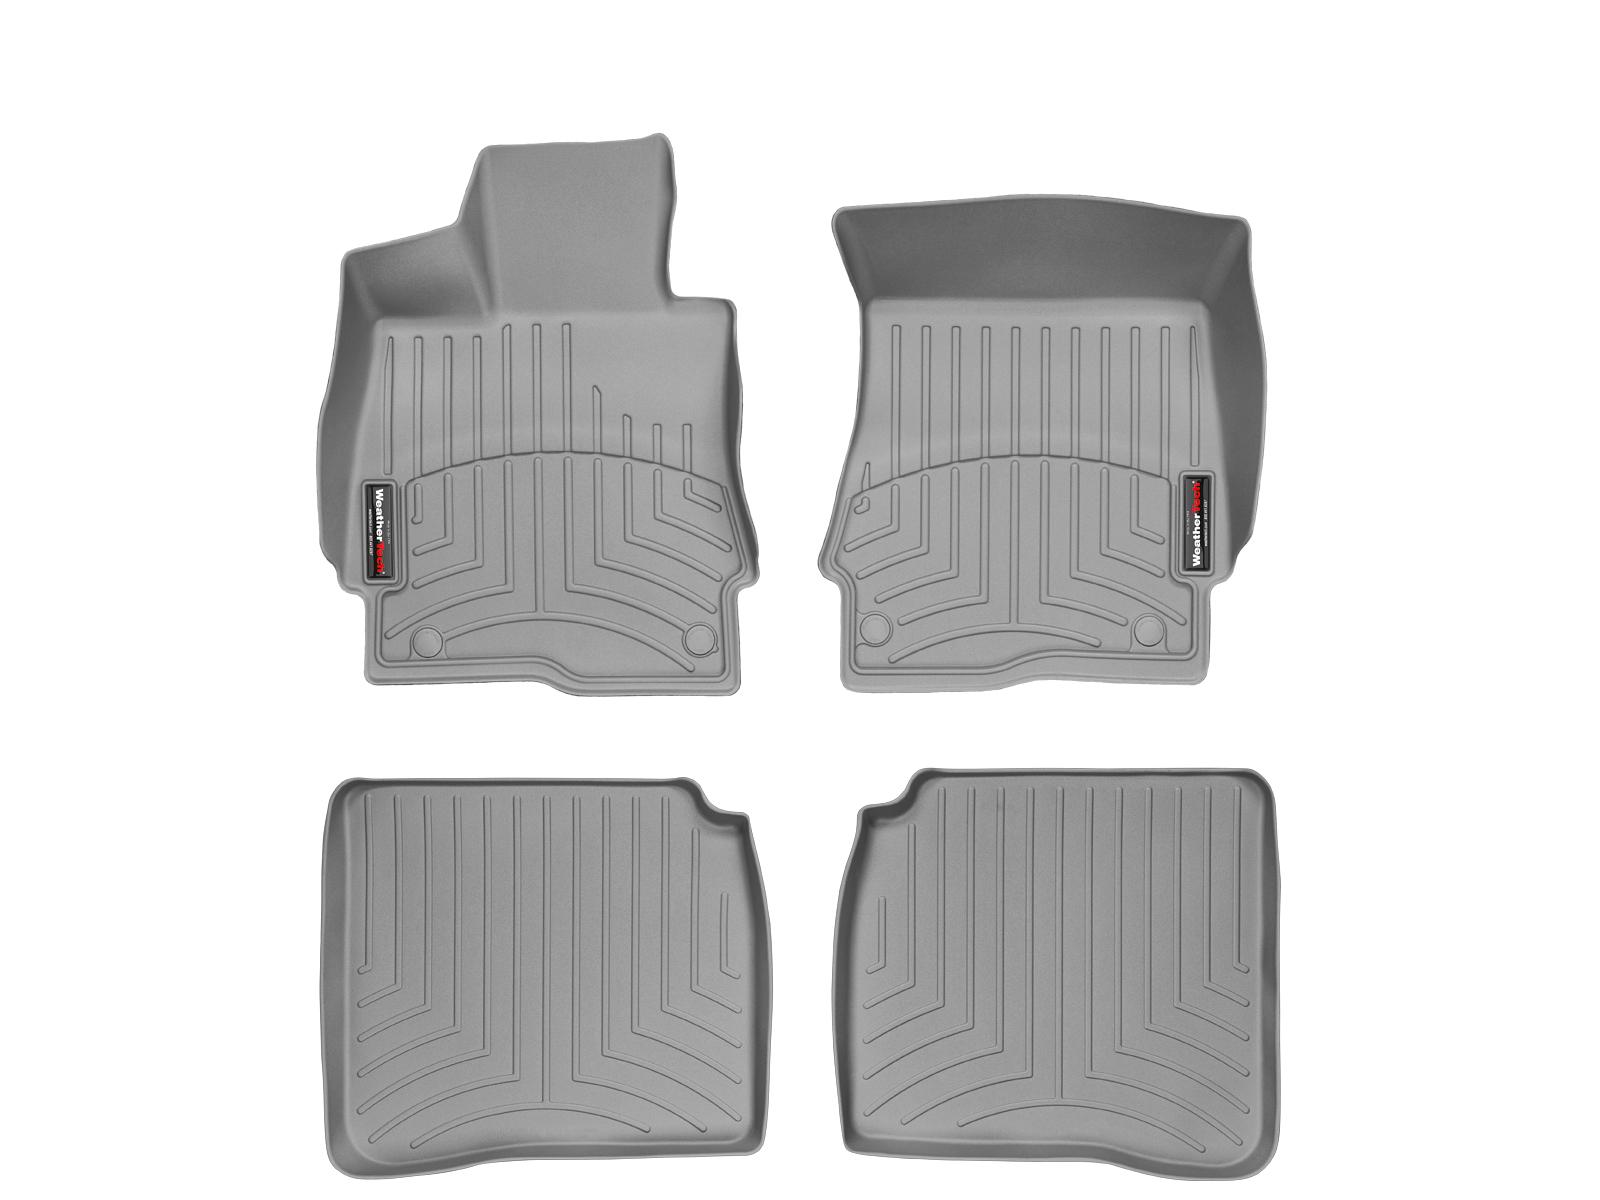 Tappeti gomma su misura bordo alto Mercedes S-Class 06>12 Grigio A2553